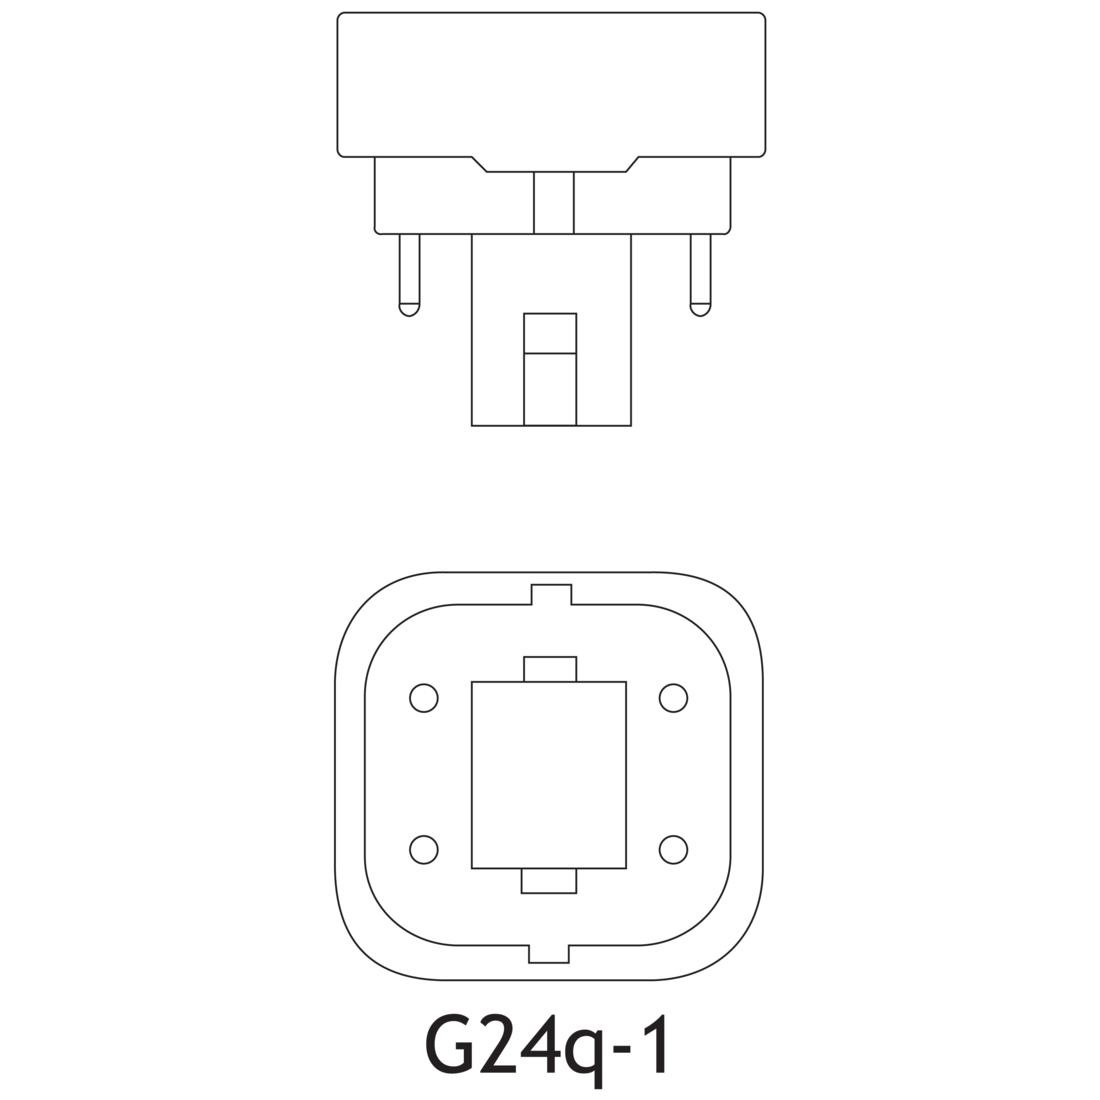 Ge F13dbx 827 Eco4p 13 Watt T4 Quad Tube Cfl K 82 Cri 4